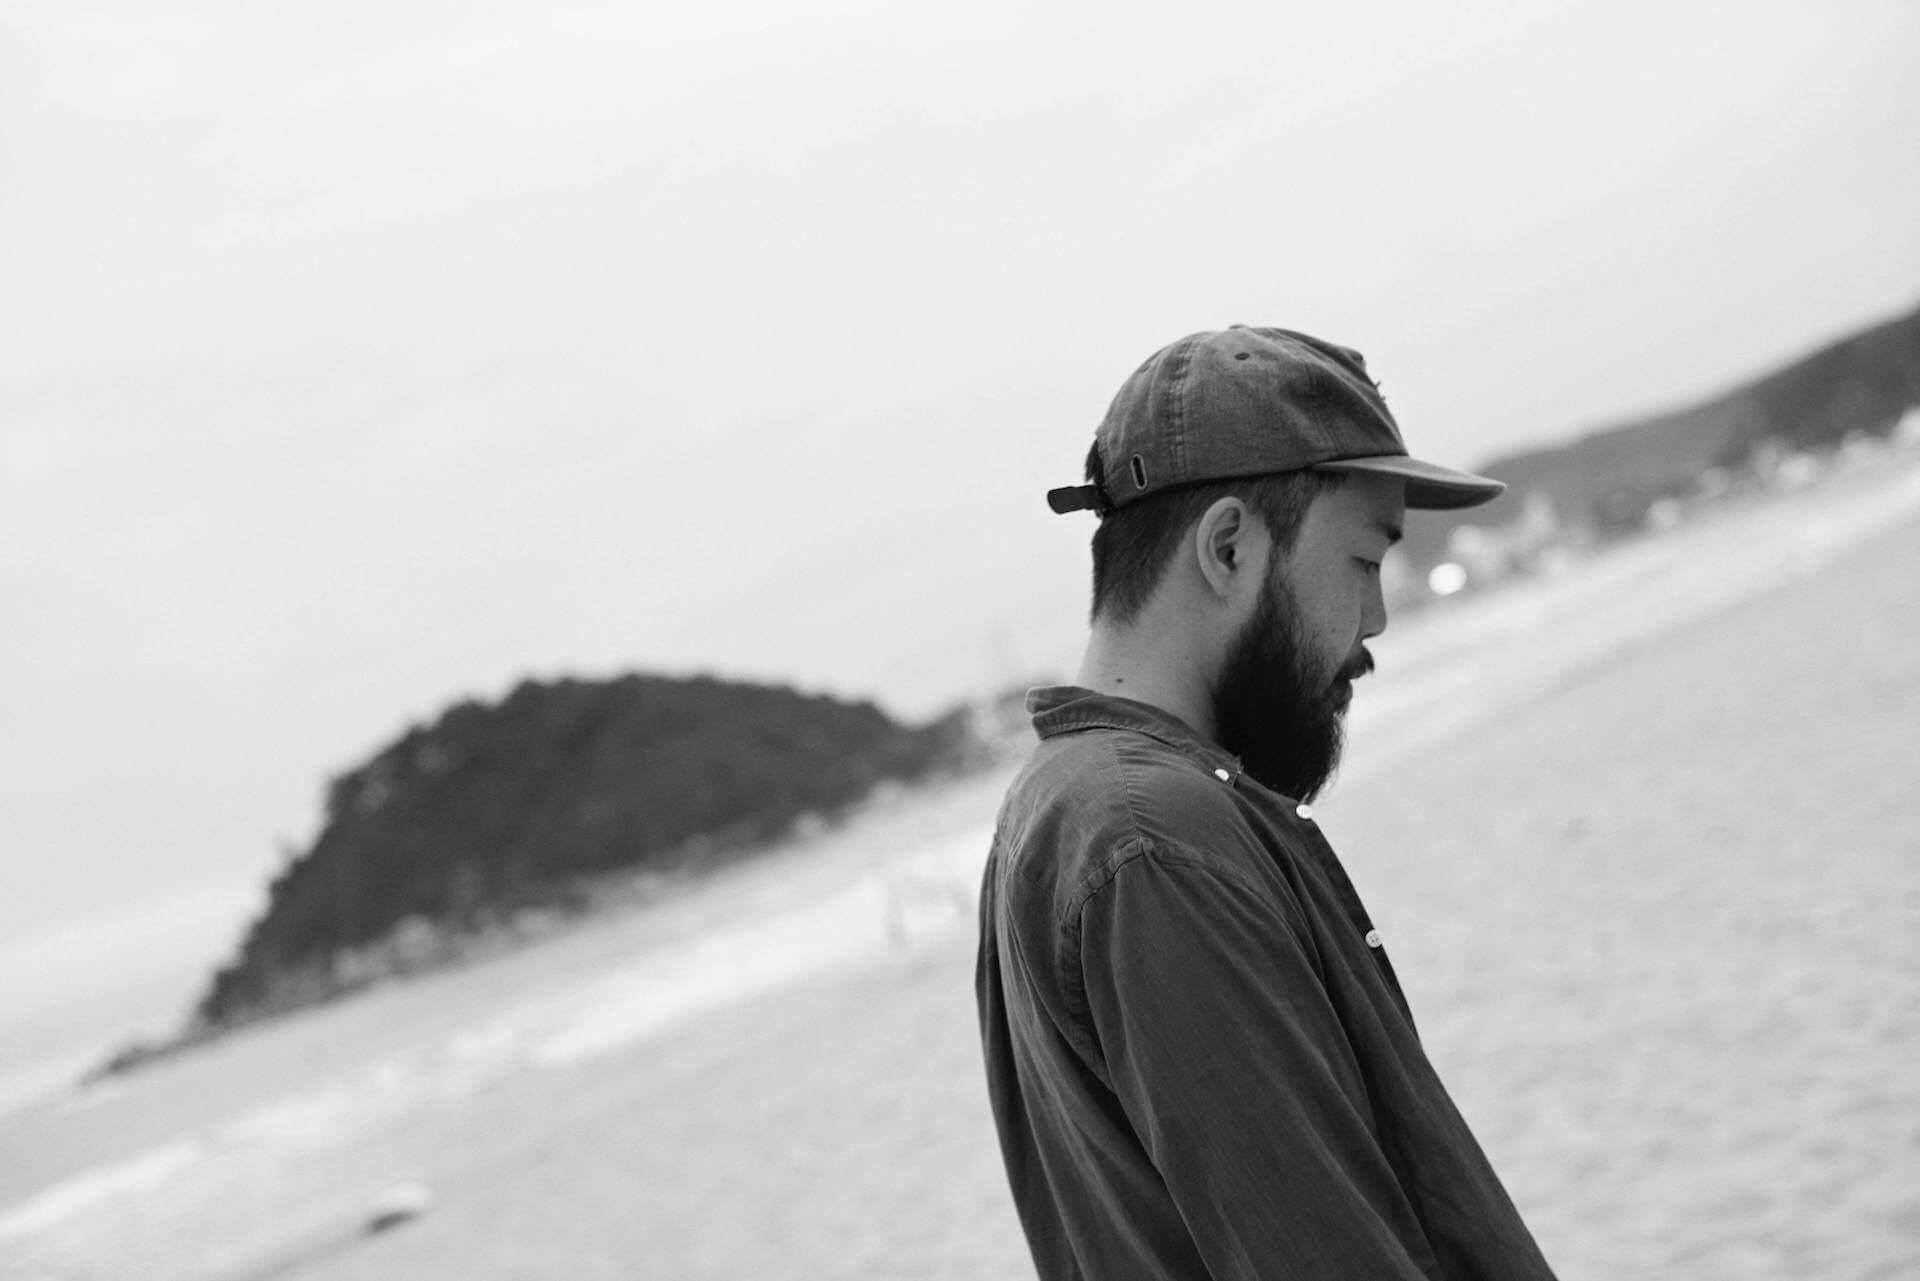 ソウル拠点のDJ・Jesse Youが東京、京都を巡るツアーを開催|中目黒solfa<bamboo>共演にDSKE、U-Tら、京都公演<DIVE>はハウス、和レアリック、イタロをテーマに music191106-jesseyou-2